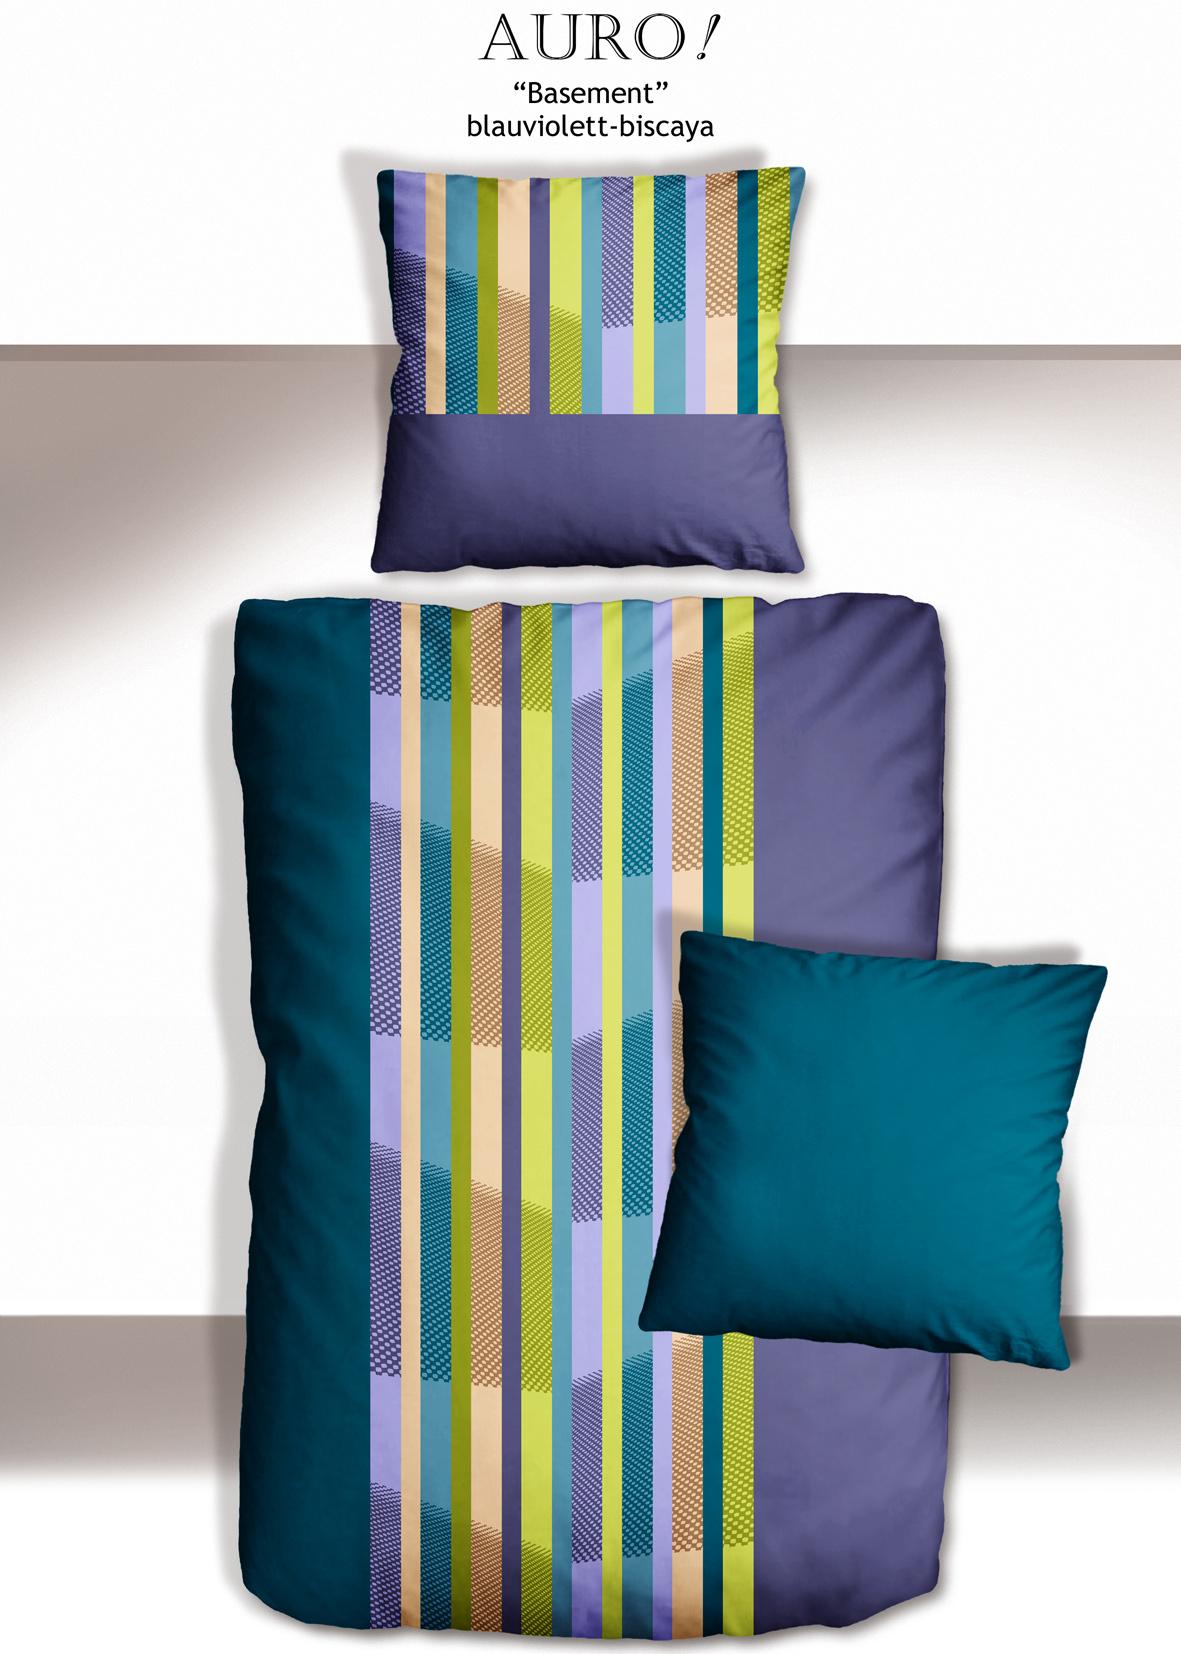 Bettbezüge - Bettgarnituren